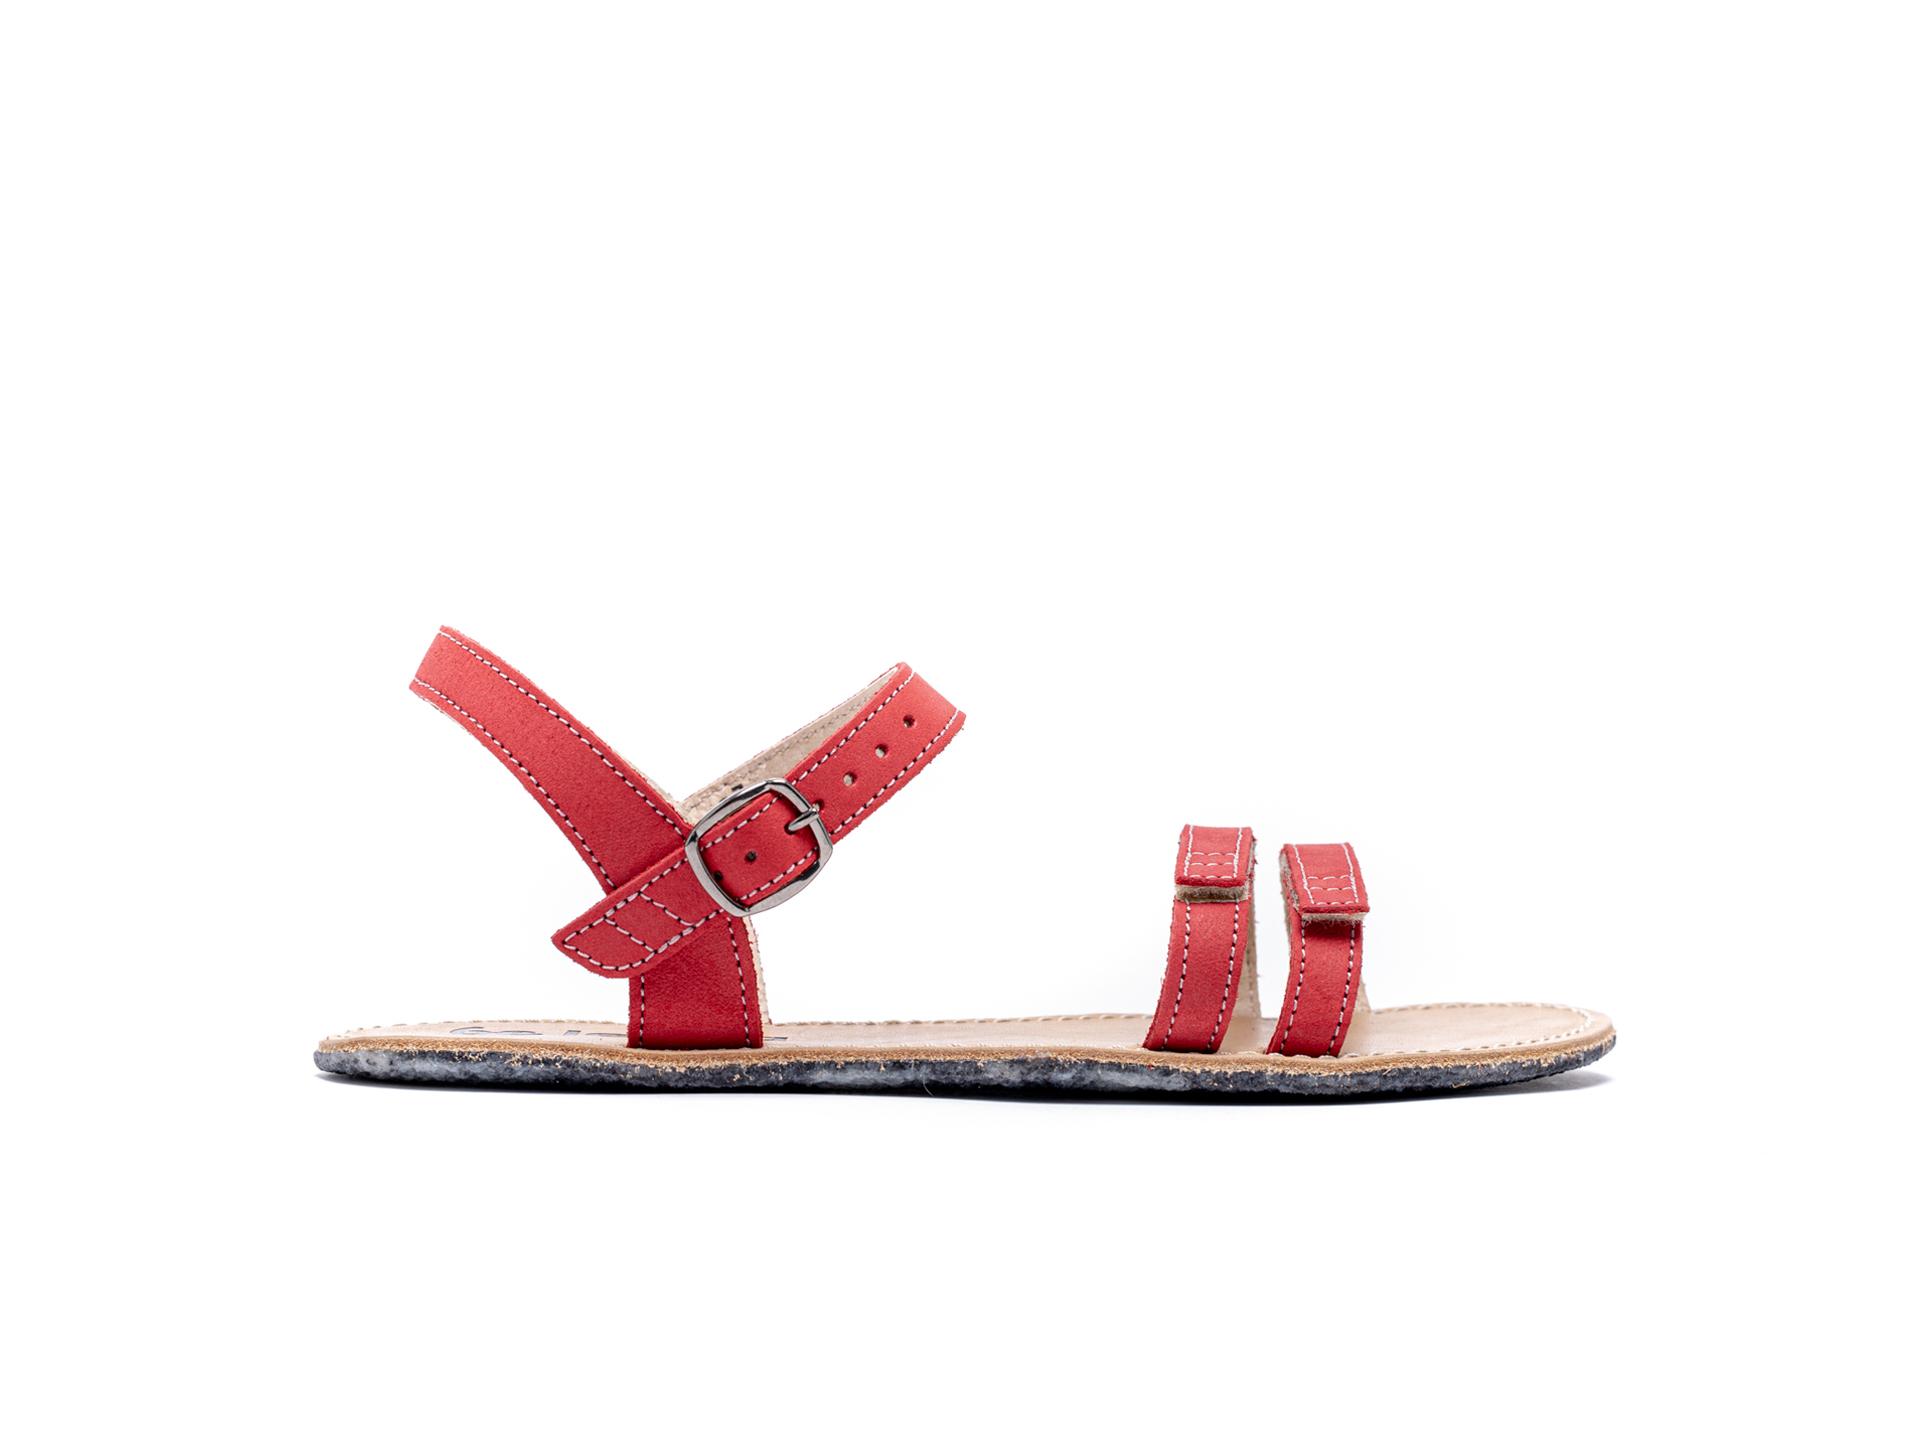 Barefoot Sandals - Be Lenka Summer - Red 37